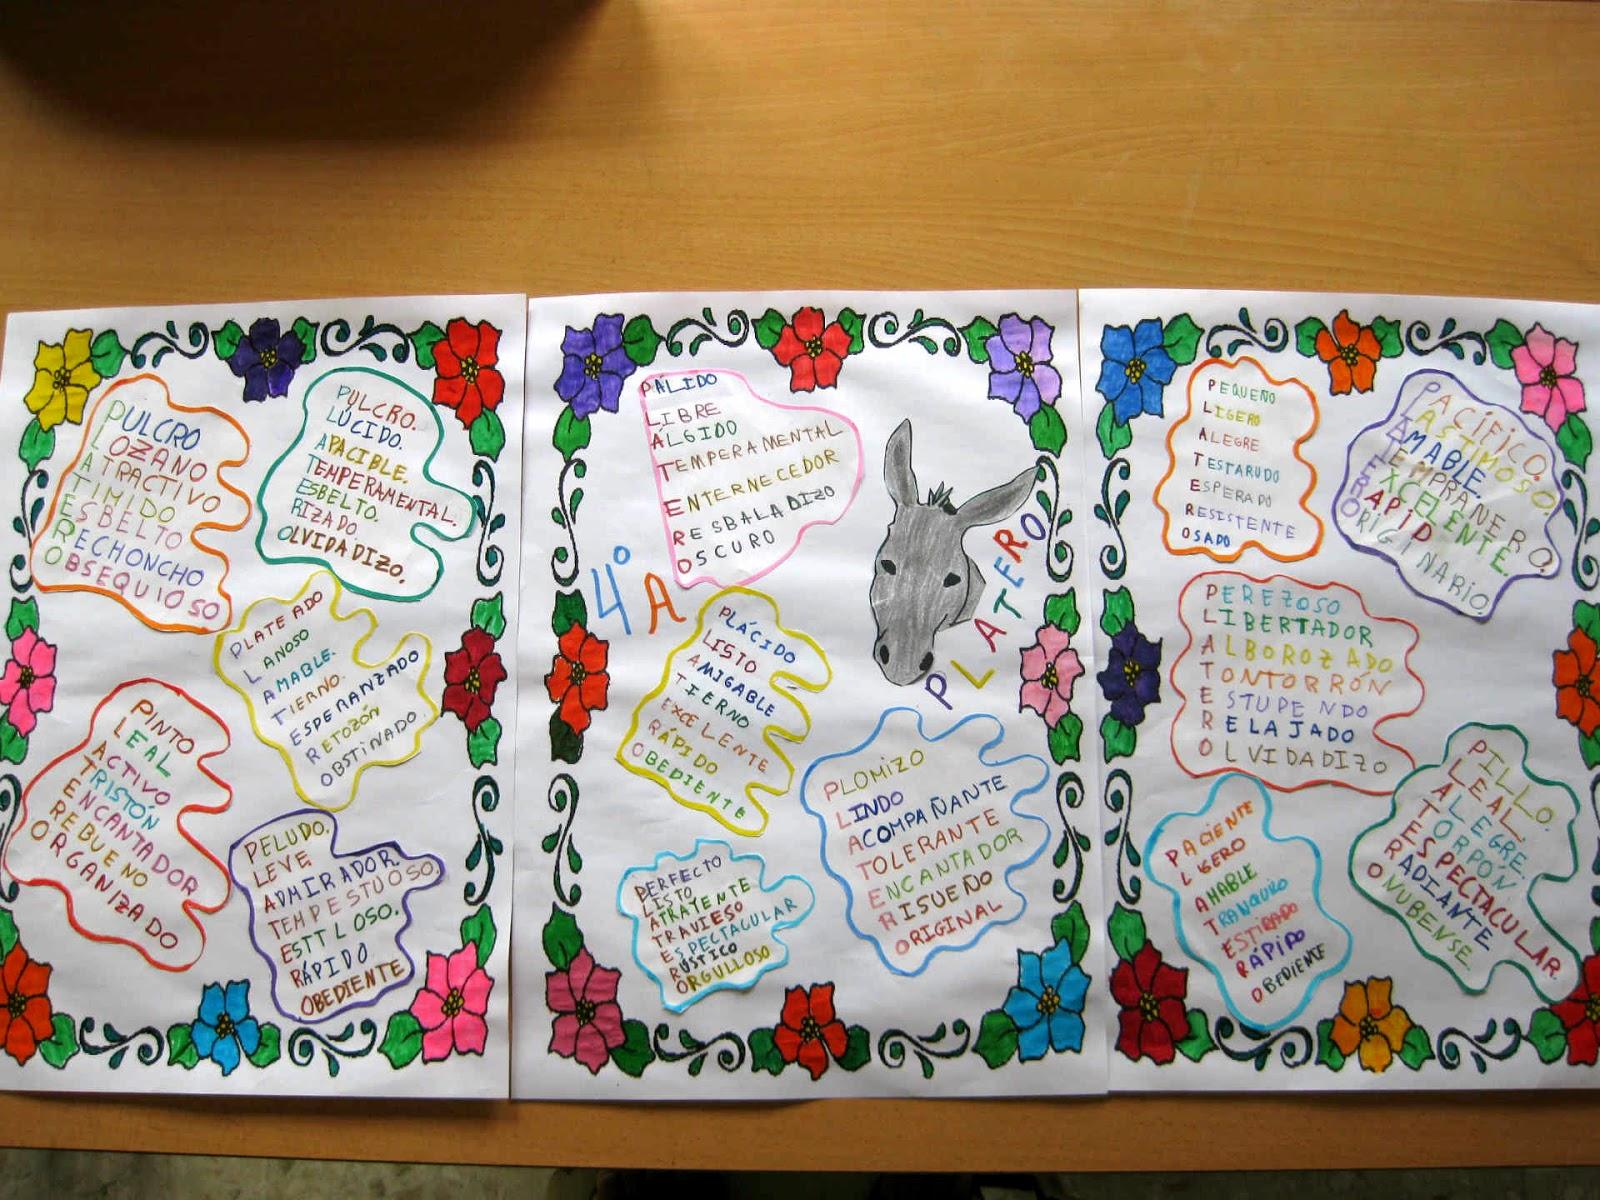 Mi bibliorincón: junio 2014